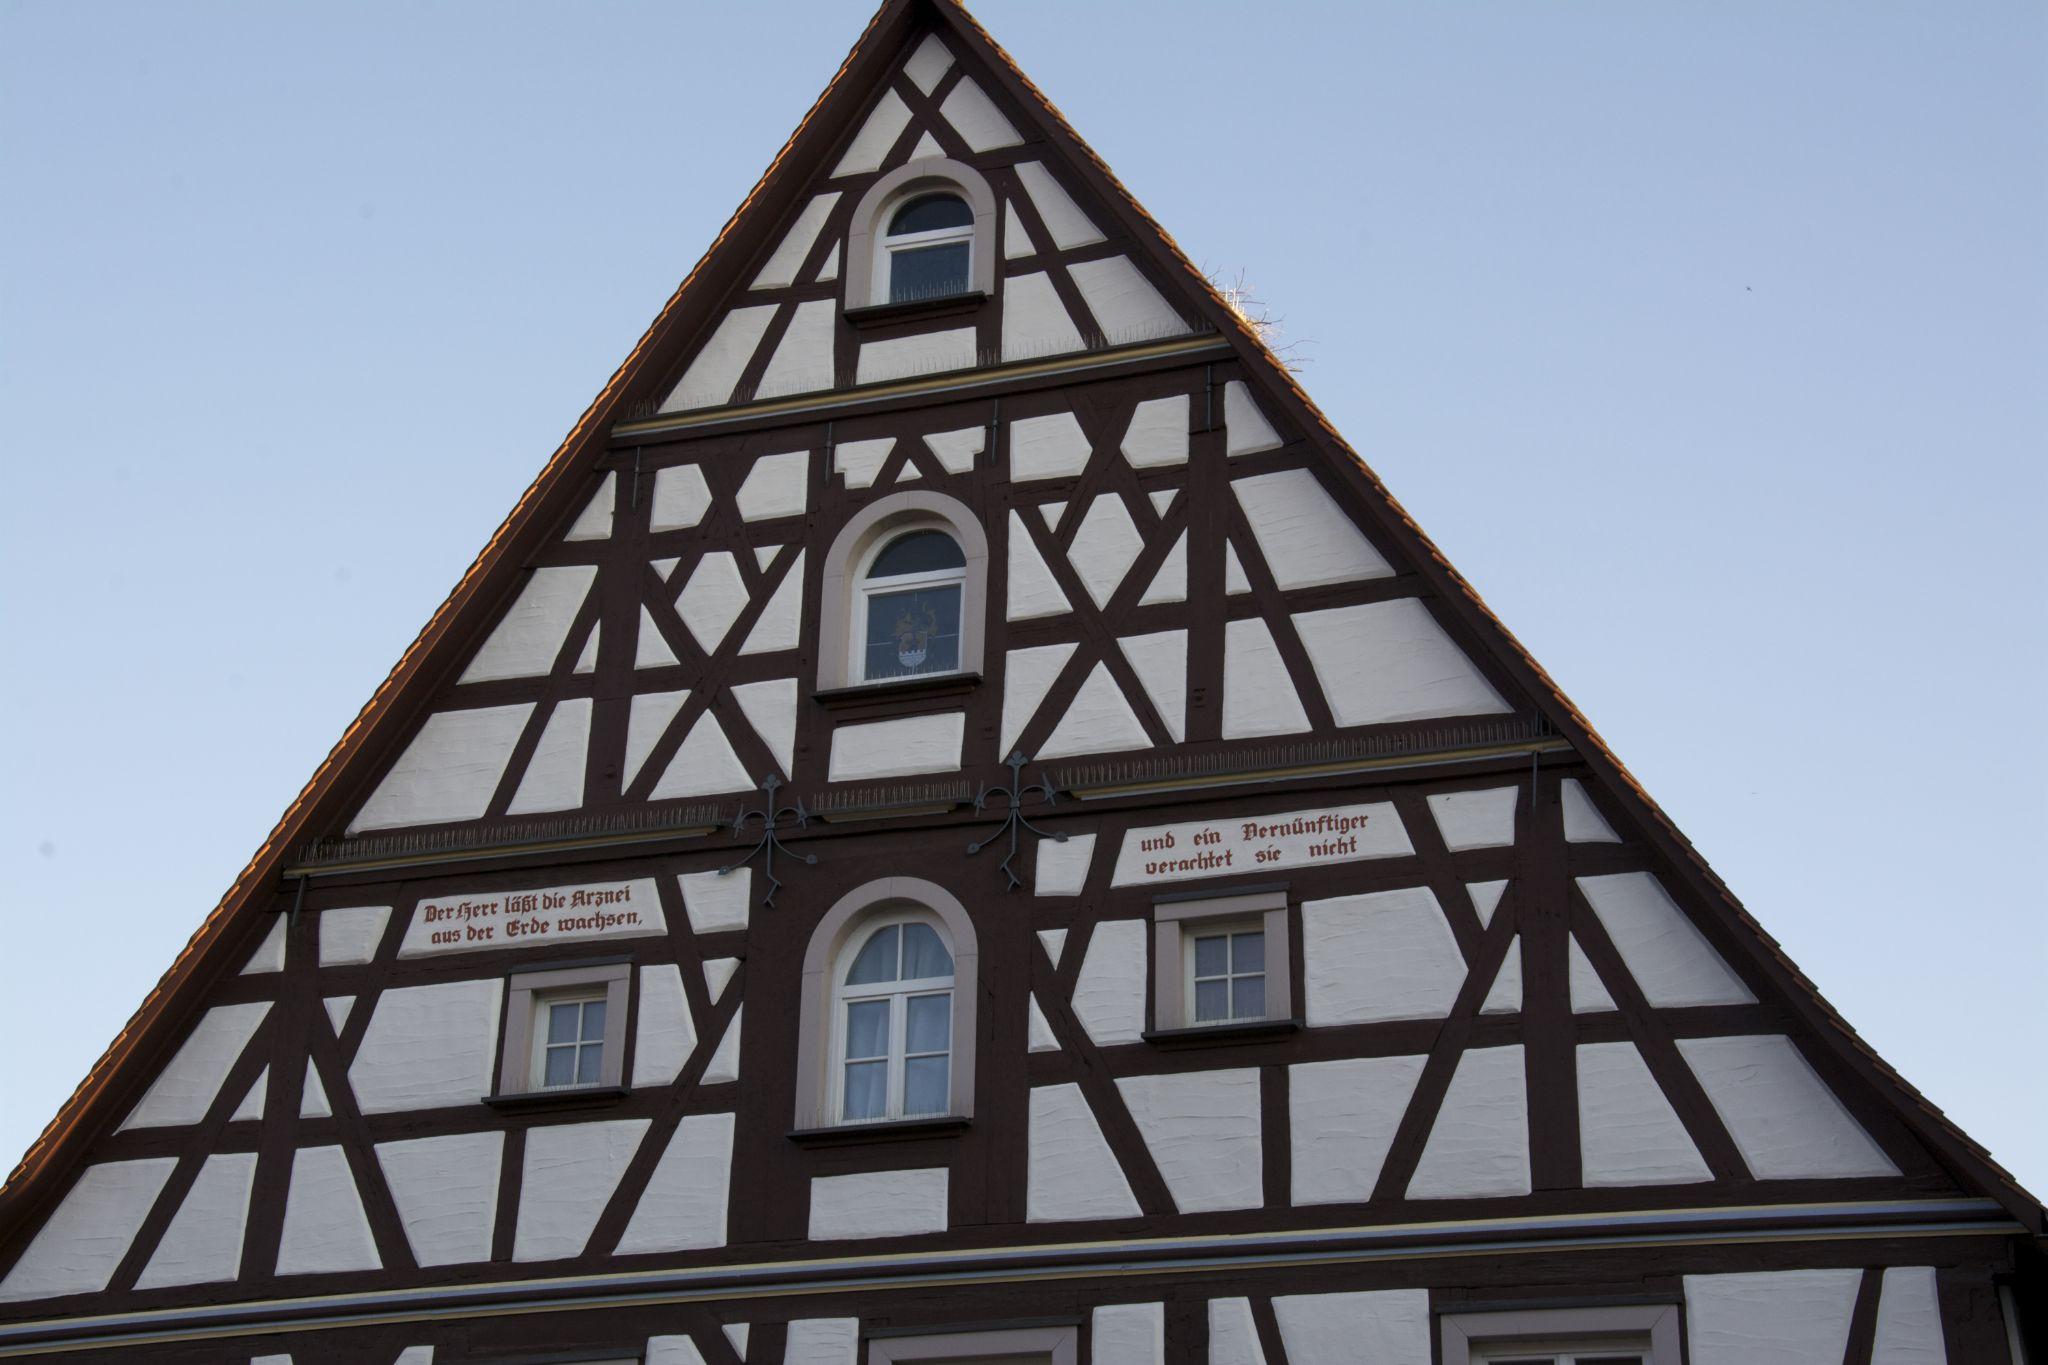 Herzogenaurach by kamran